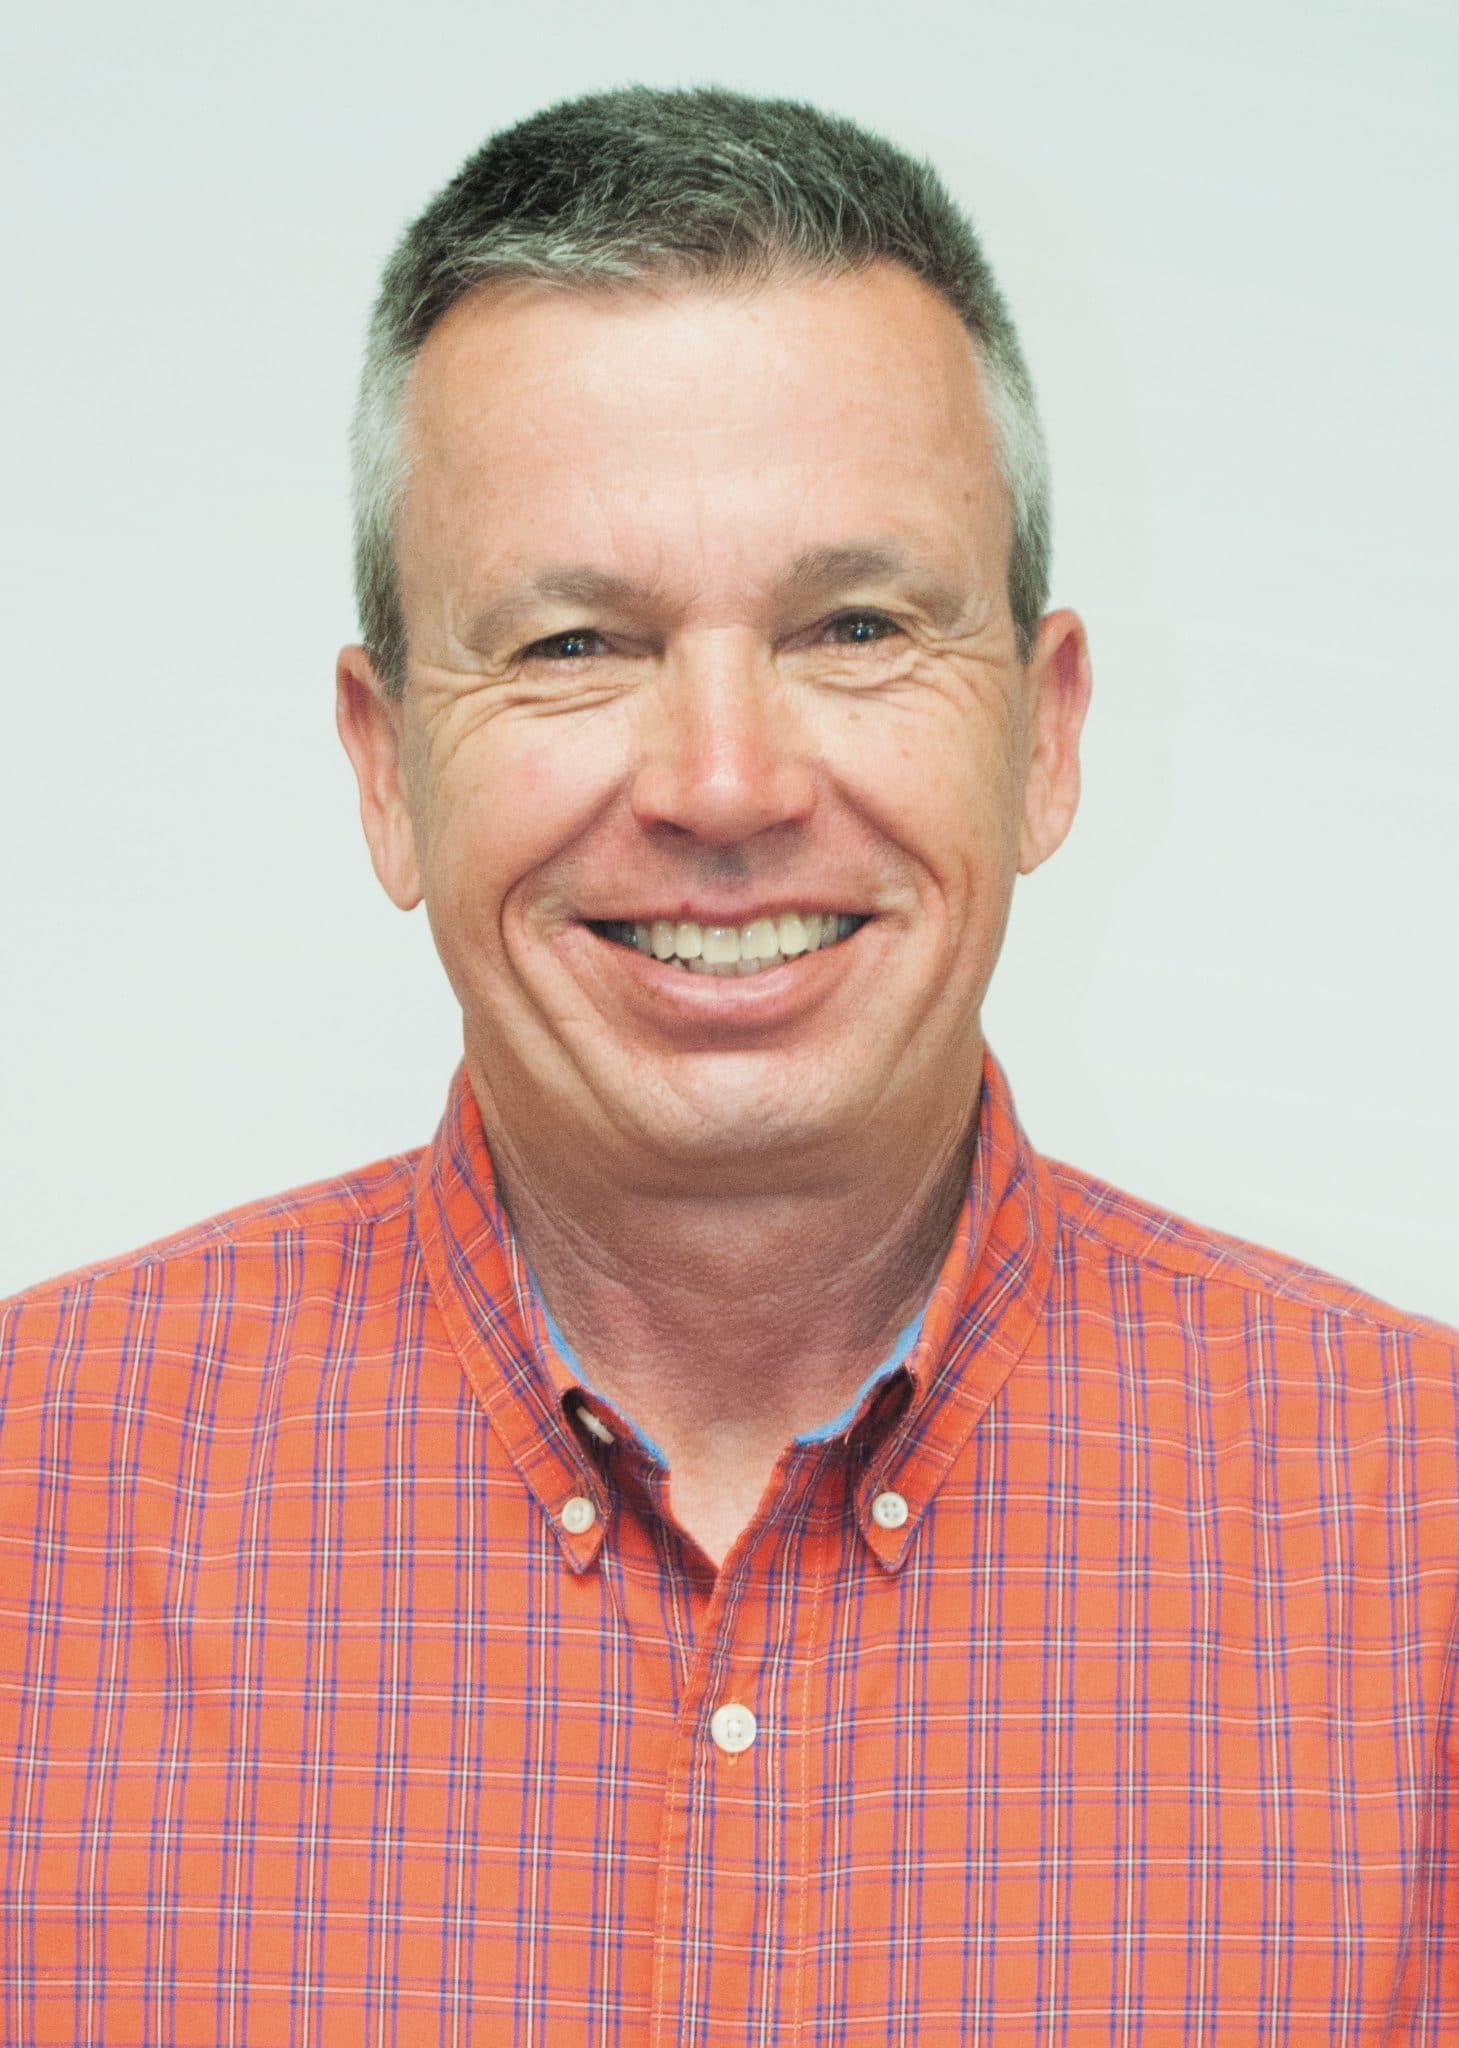 Steve Stegeman